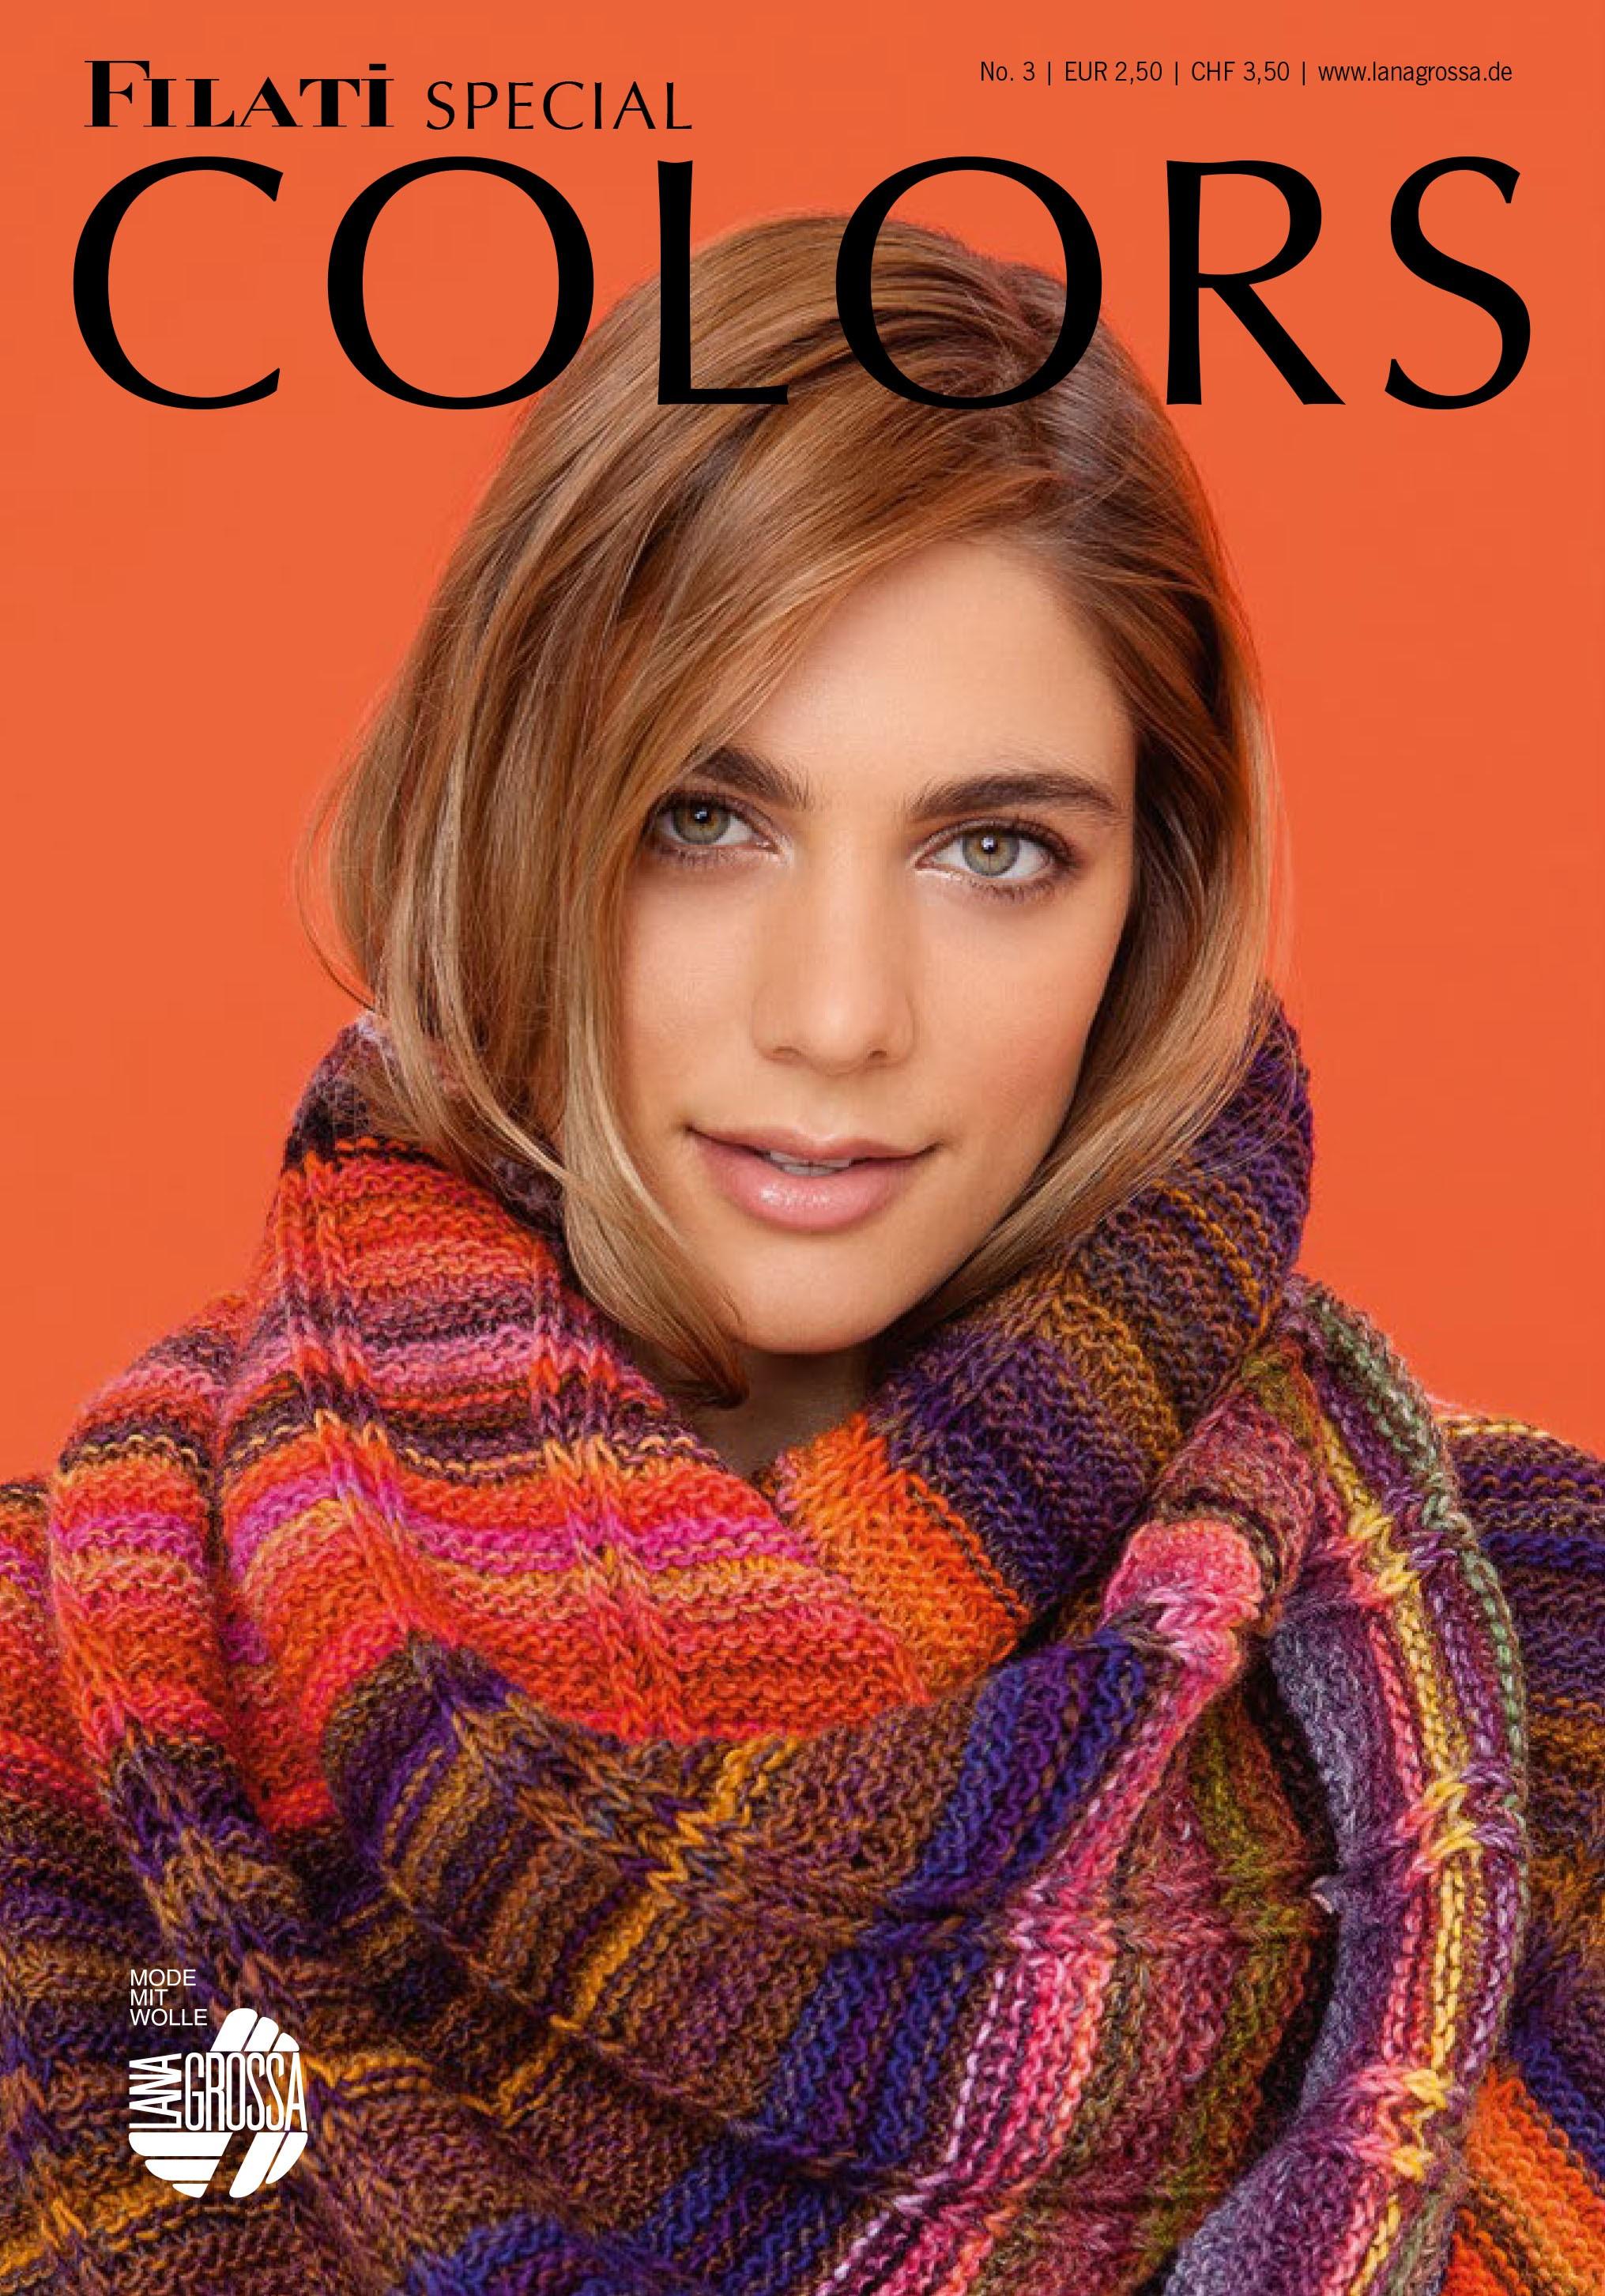 COLORS No. 3 von Lana Grossa